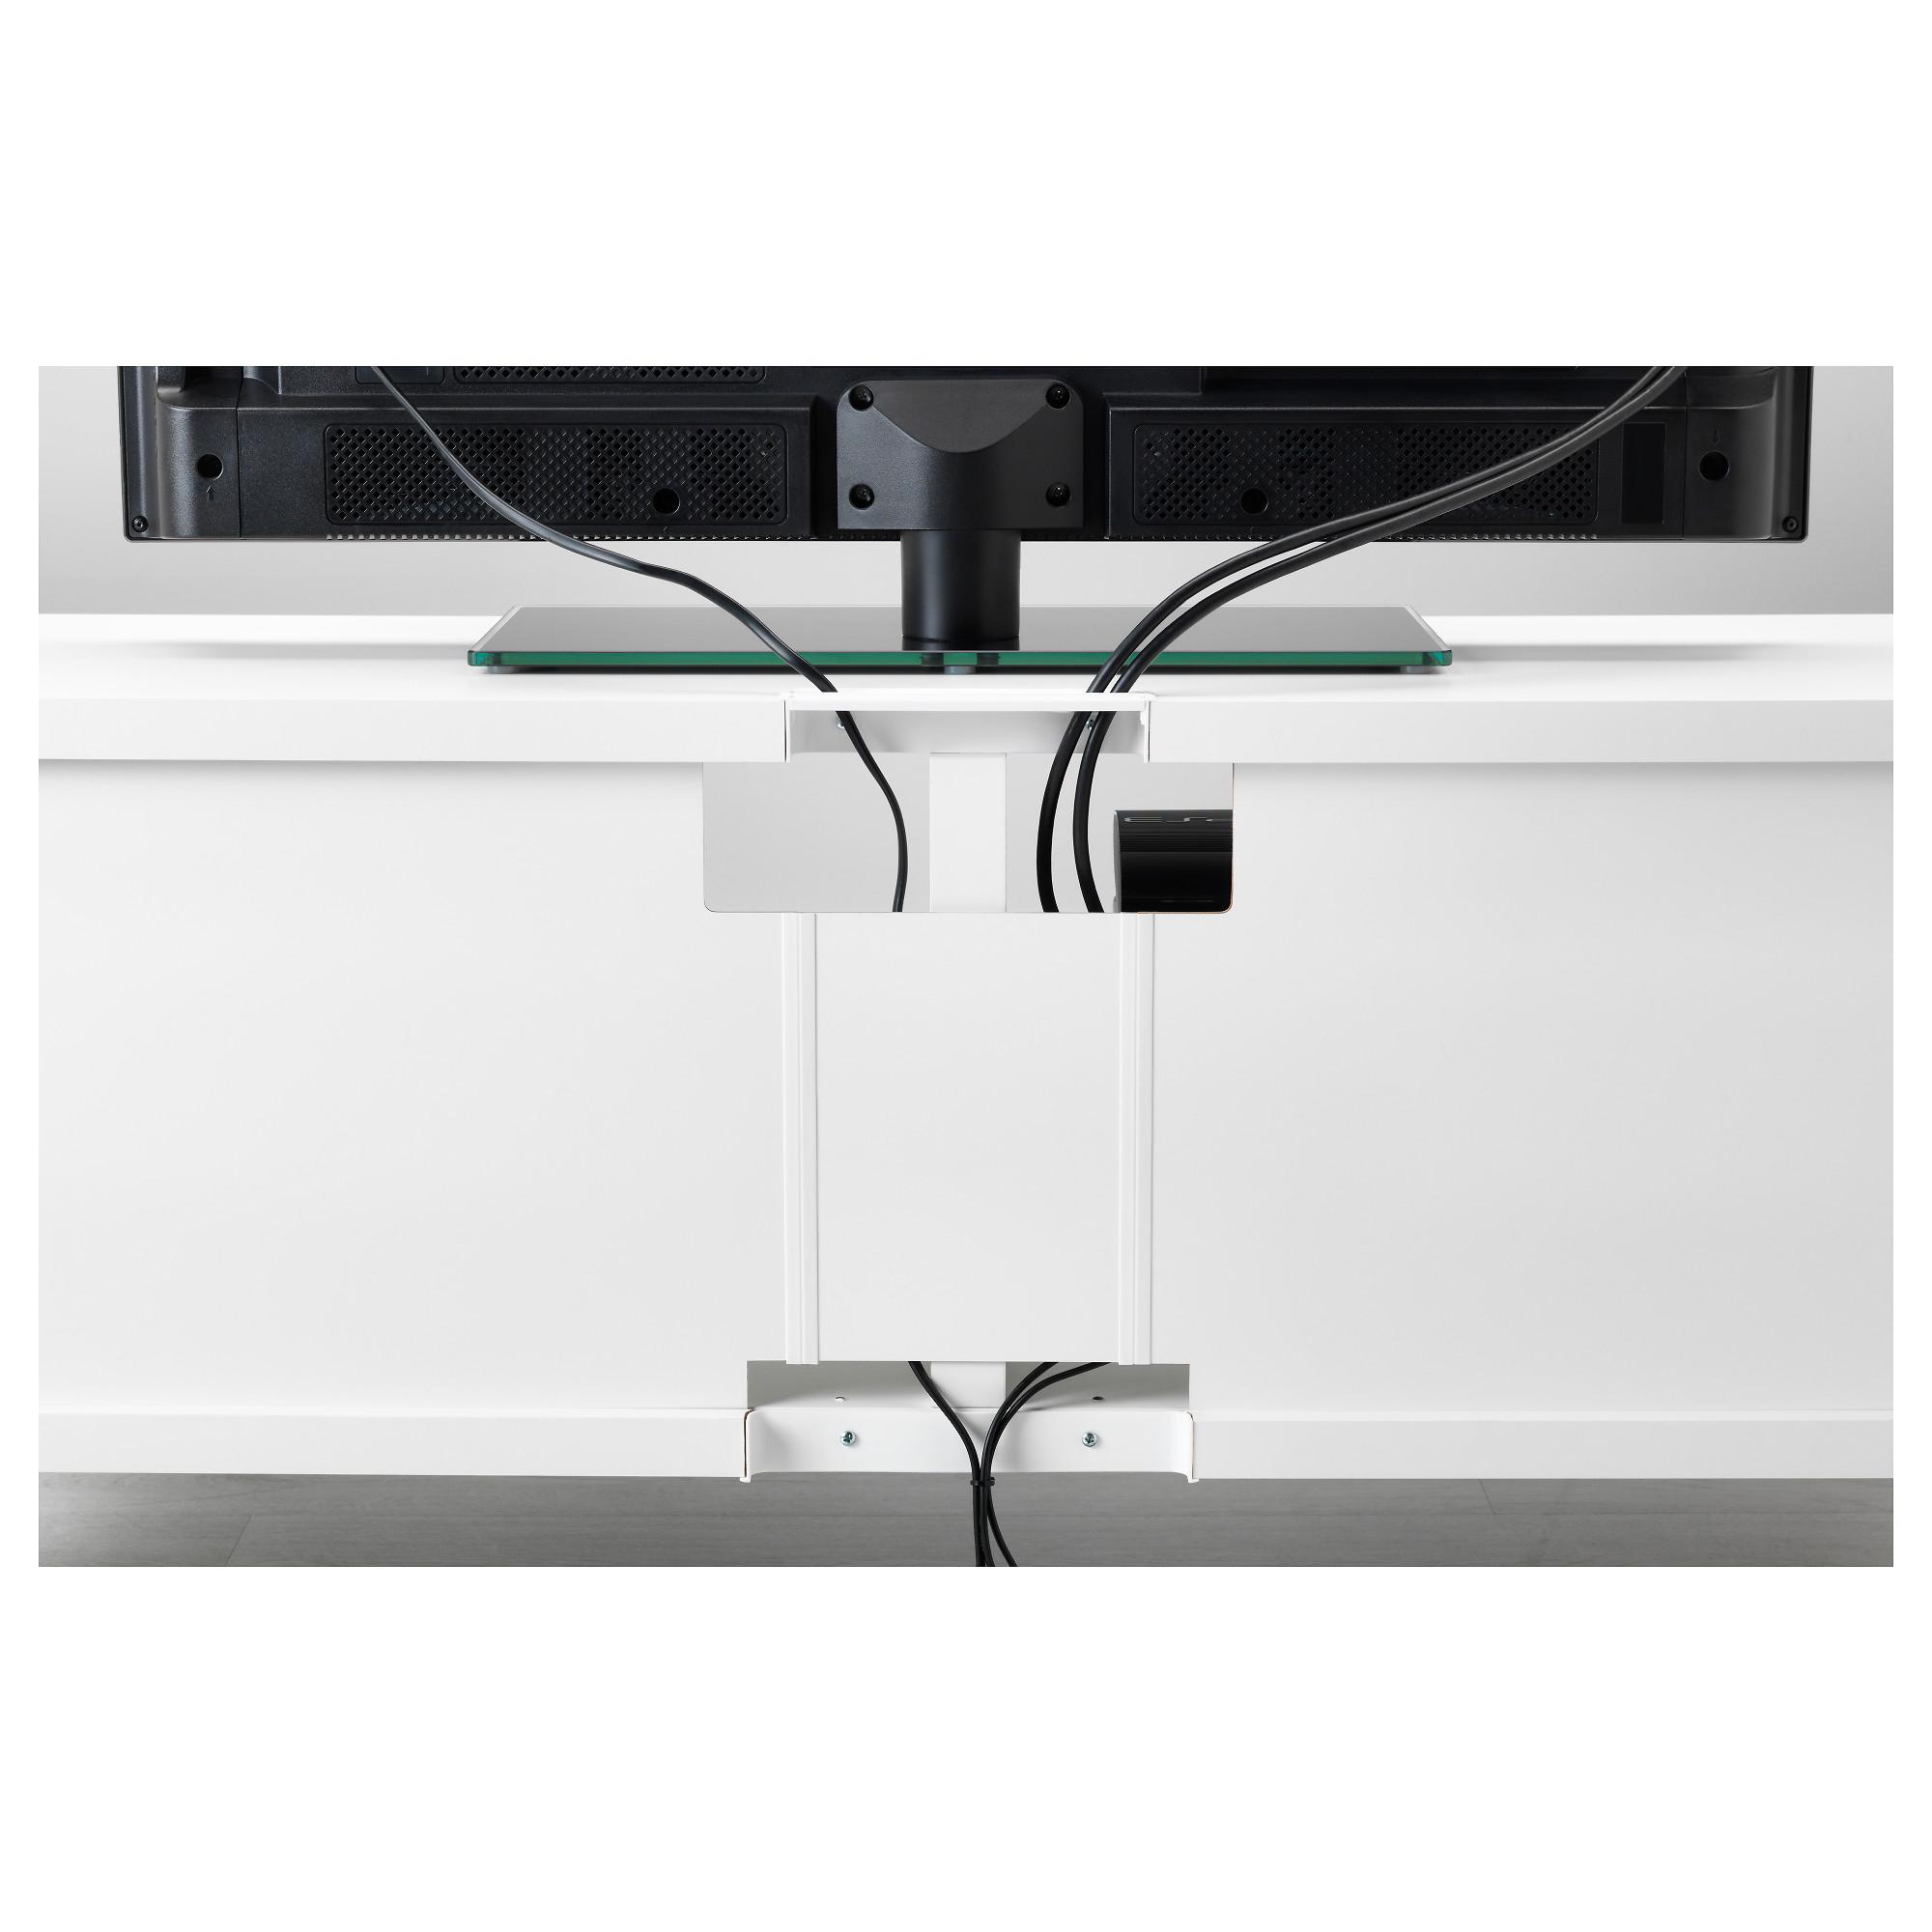 Шкаф для ТВ, комбинация БЕСТО сине-зеленый артикуль № 092.761.22 в наличии. Онлайн каталог IKEA Республика Беларусь. Быстрая доставка и монтаж.